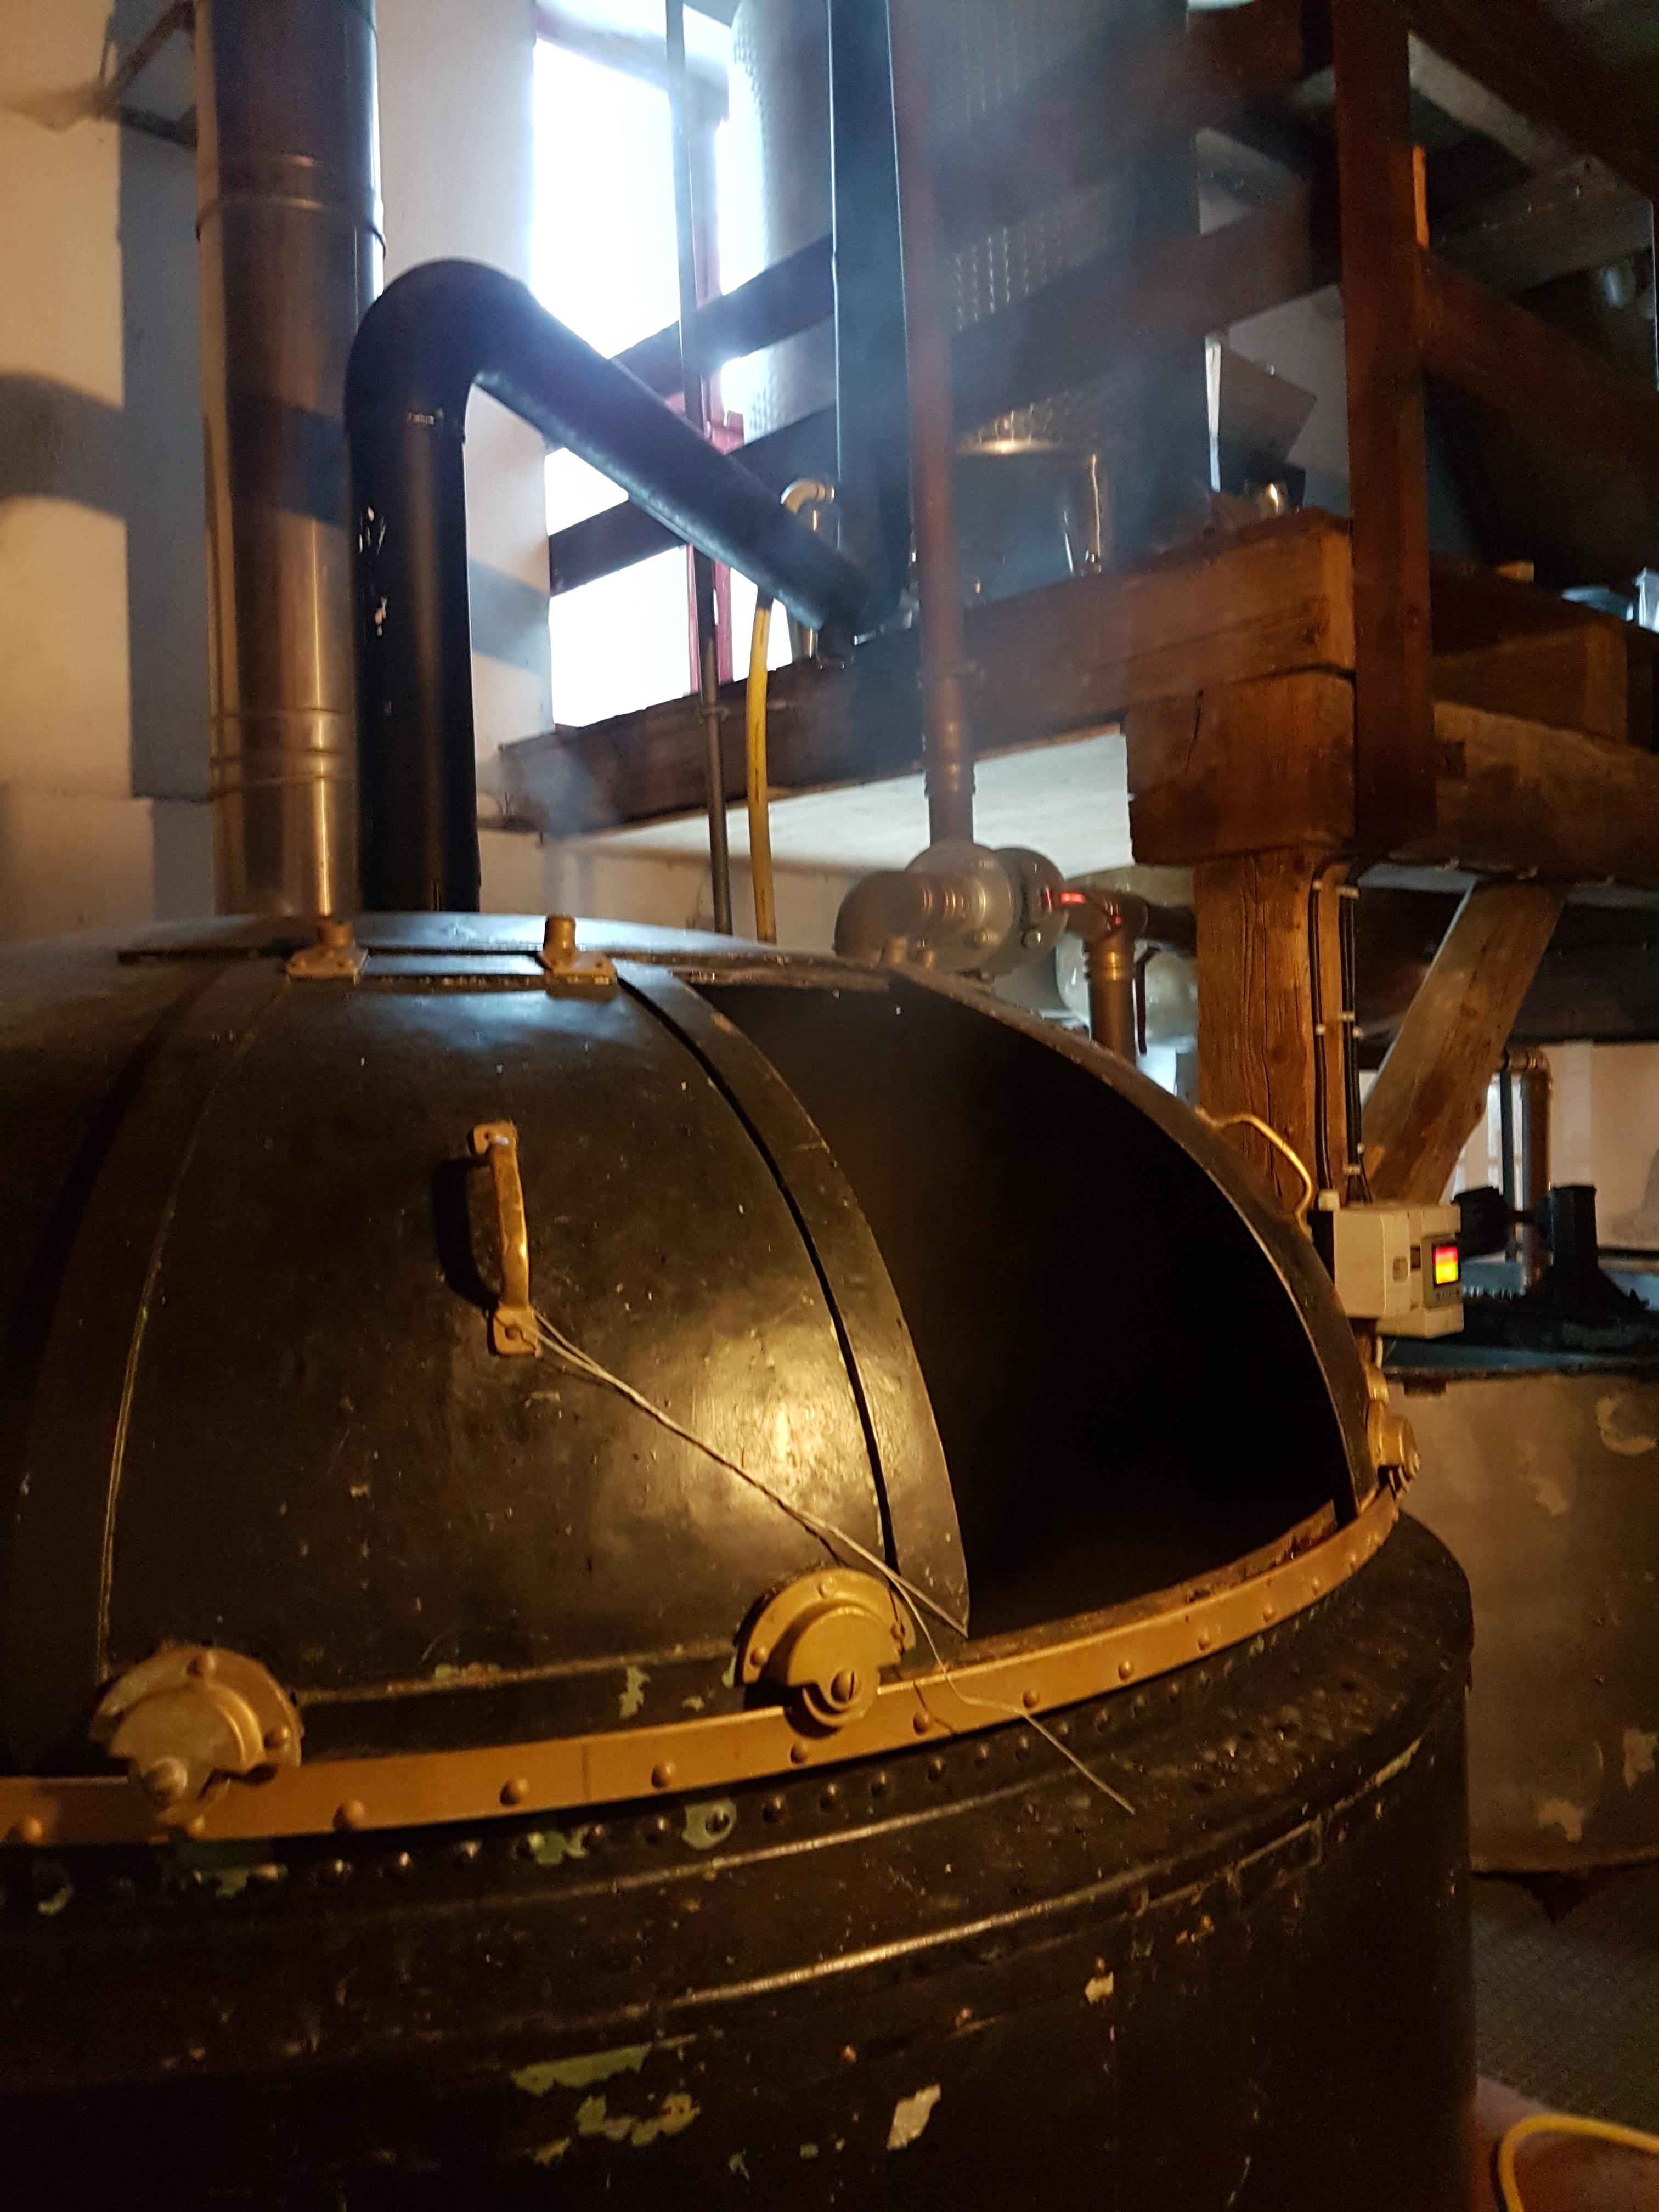 Brauereibilder (1)